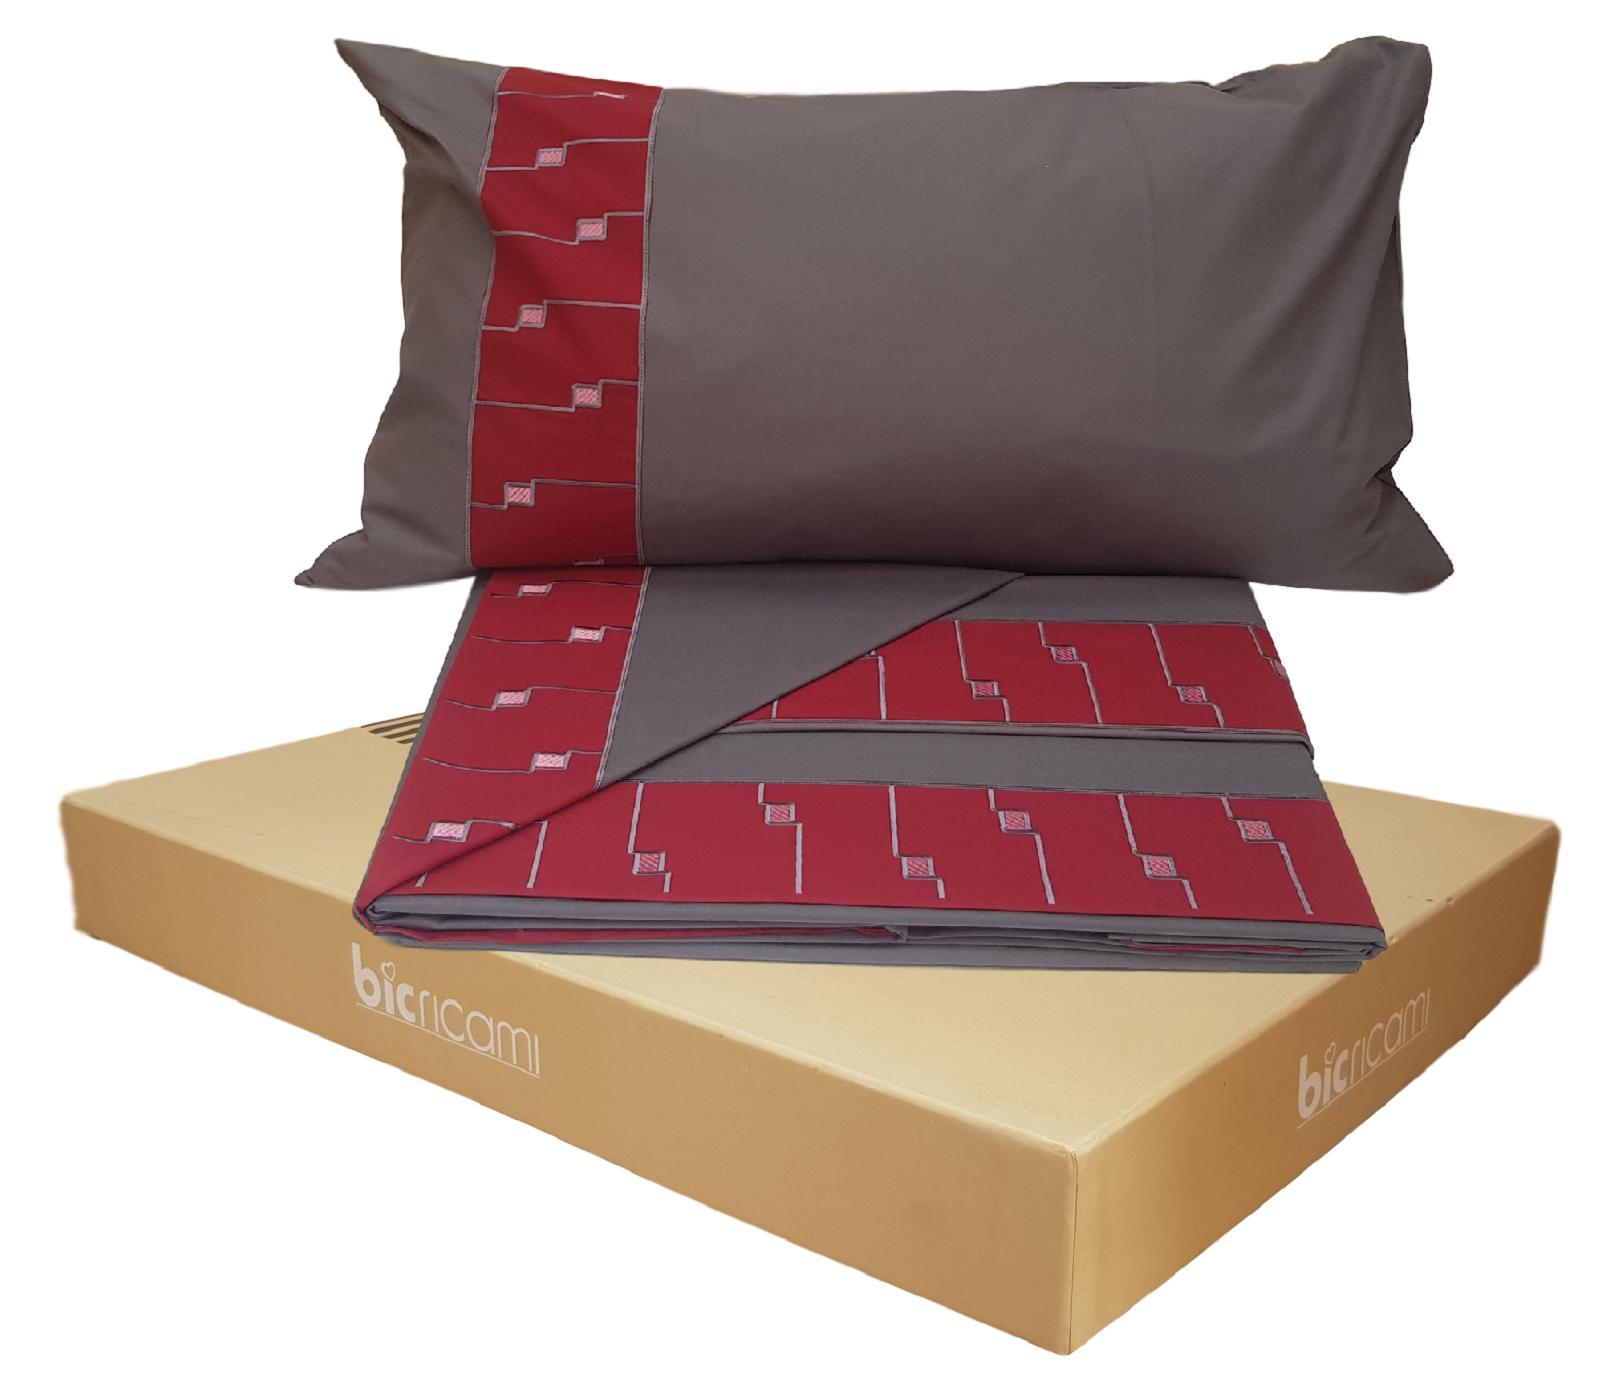 BIC RICAMI LOLA. Completo letto, lenzuola in 100% Cotone. Matrimoniale, 2 piazze